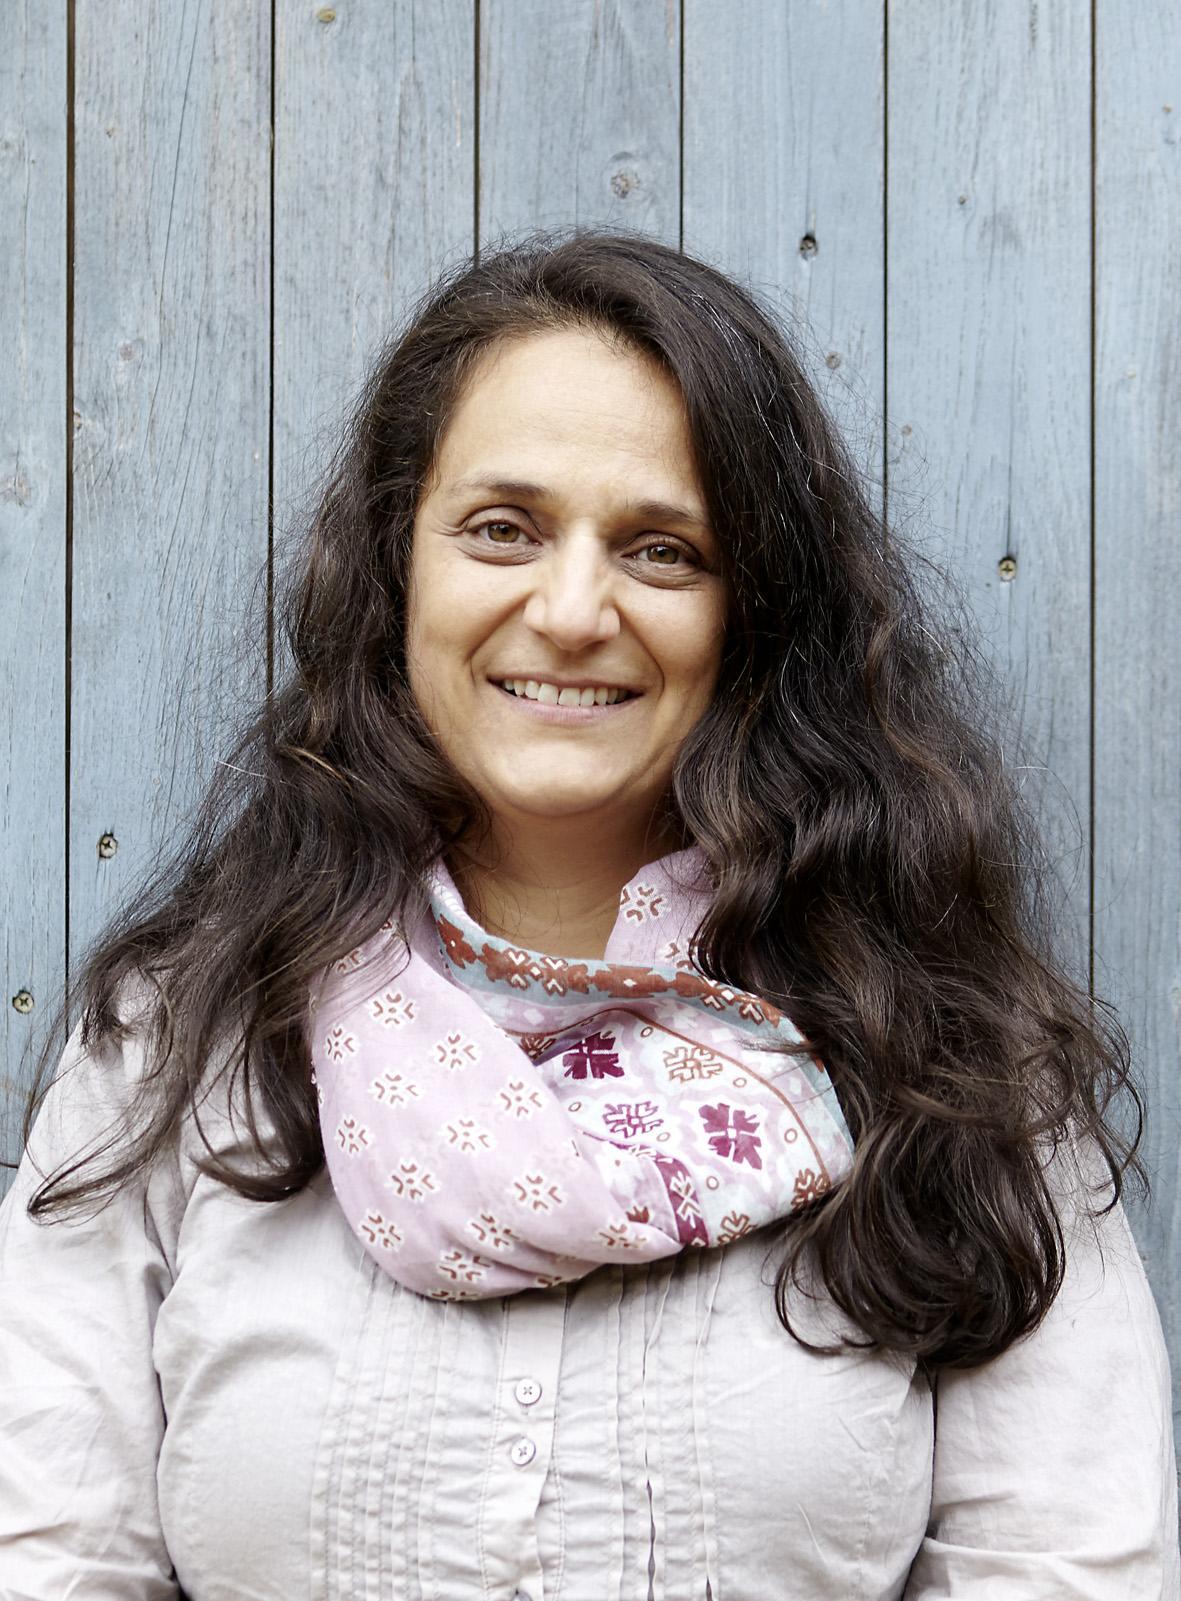 """Hilal Sezgin, geboren 1970, studierte Philosophie und lebt als freie Schriftstellerin und Publizistin in der Lüneburger Heide. Im vergangenen Jahr erschien von ihr u.a. Artgerecht ist nur die Freiheit. Eine Ethik für Tiere oder Warum wir umdenken müssen im Verlag C.H. Beck. Sie ist Gastautorin von """"10 nach 8""""."""